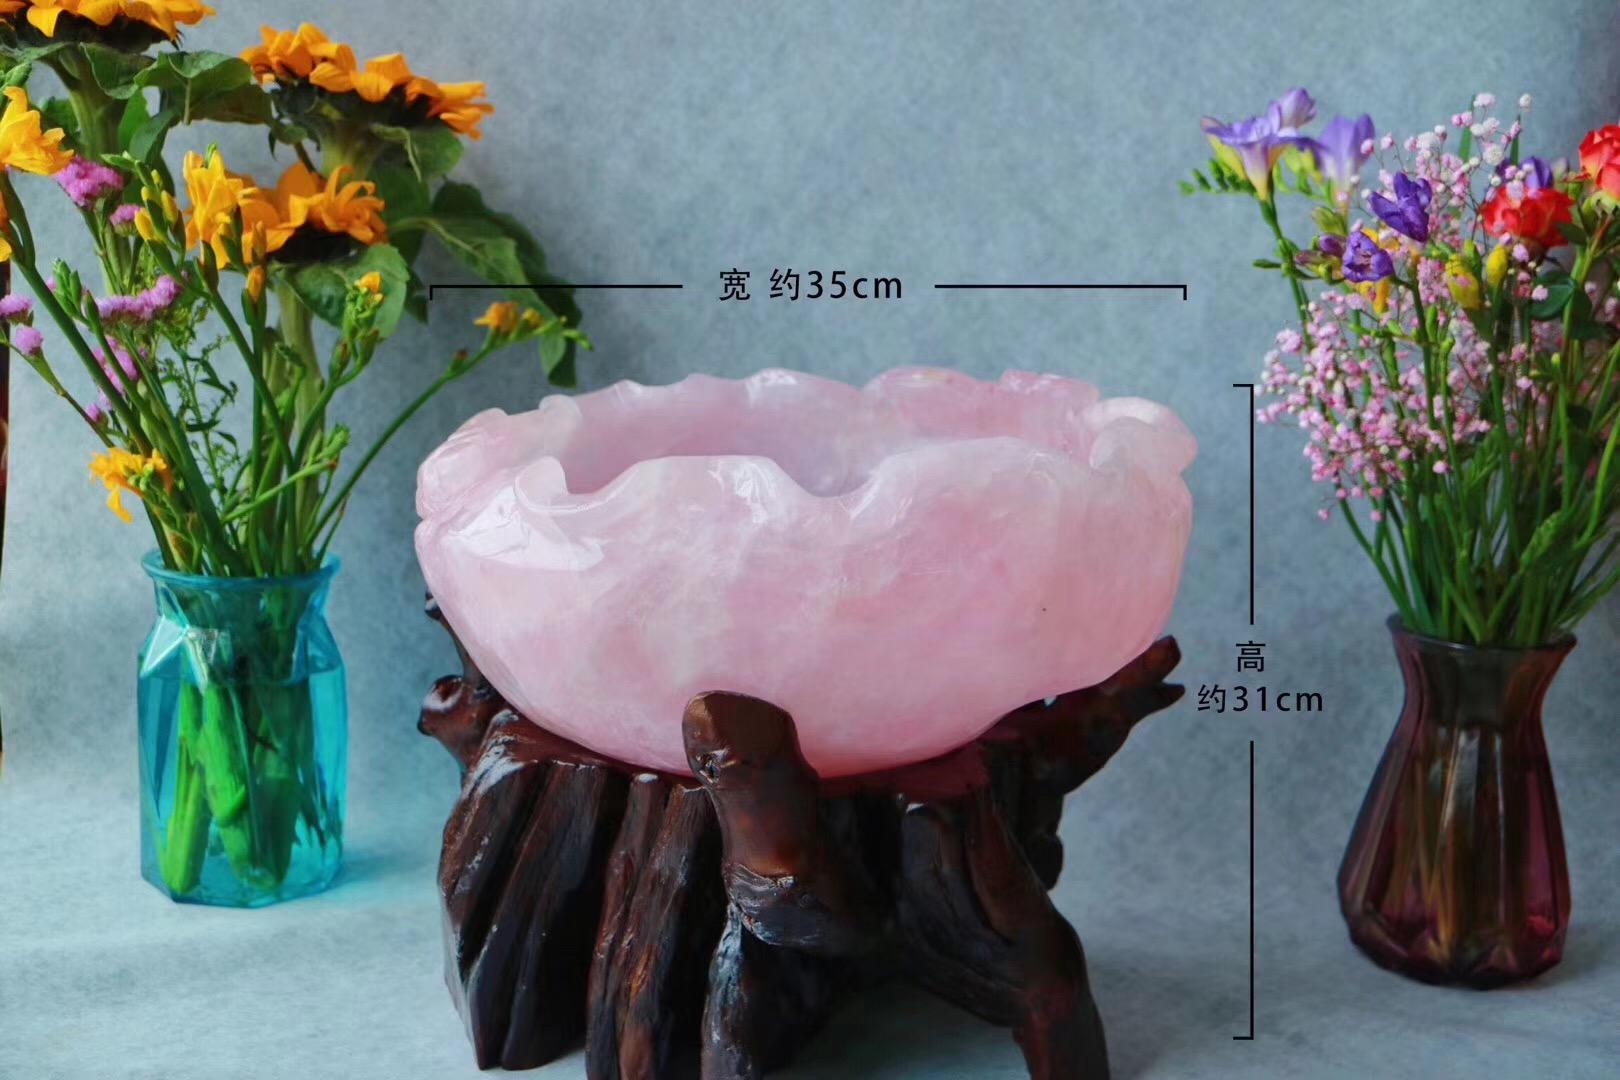 【菩心-收藏版天然粉晶聚宝盆】放得下你在菩心收的所有晶石哦~-菩心晶舍